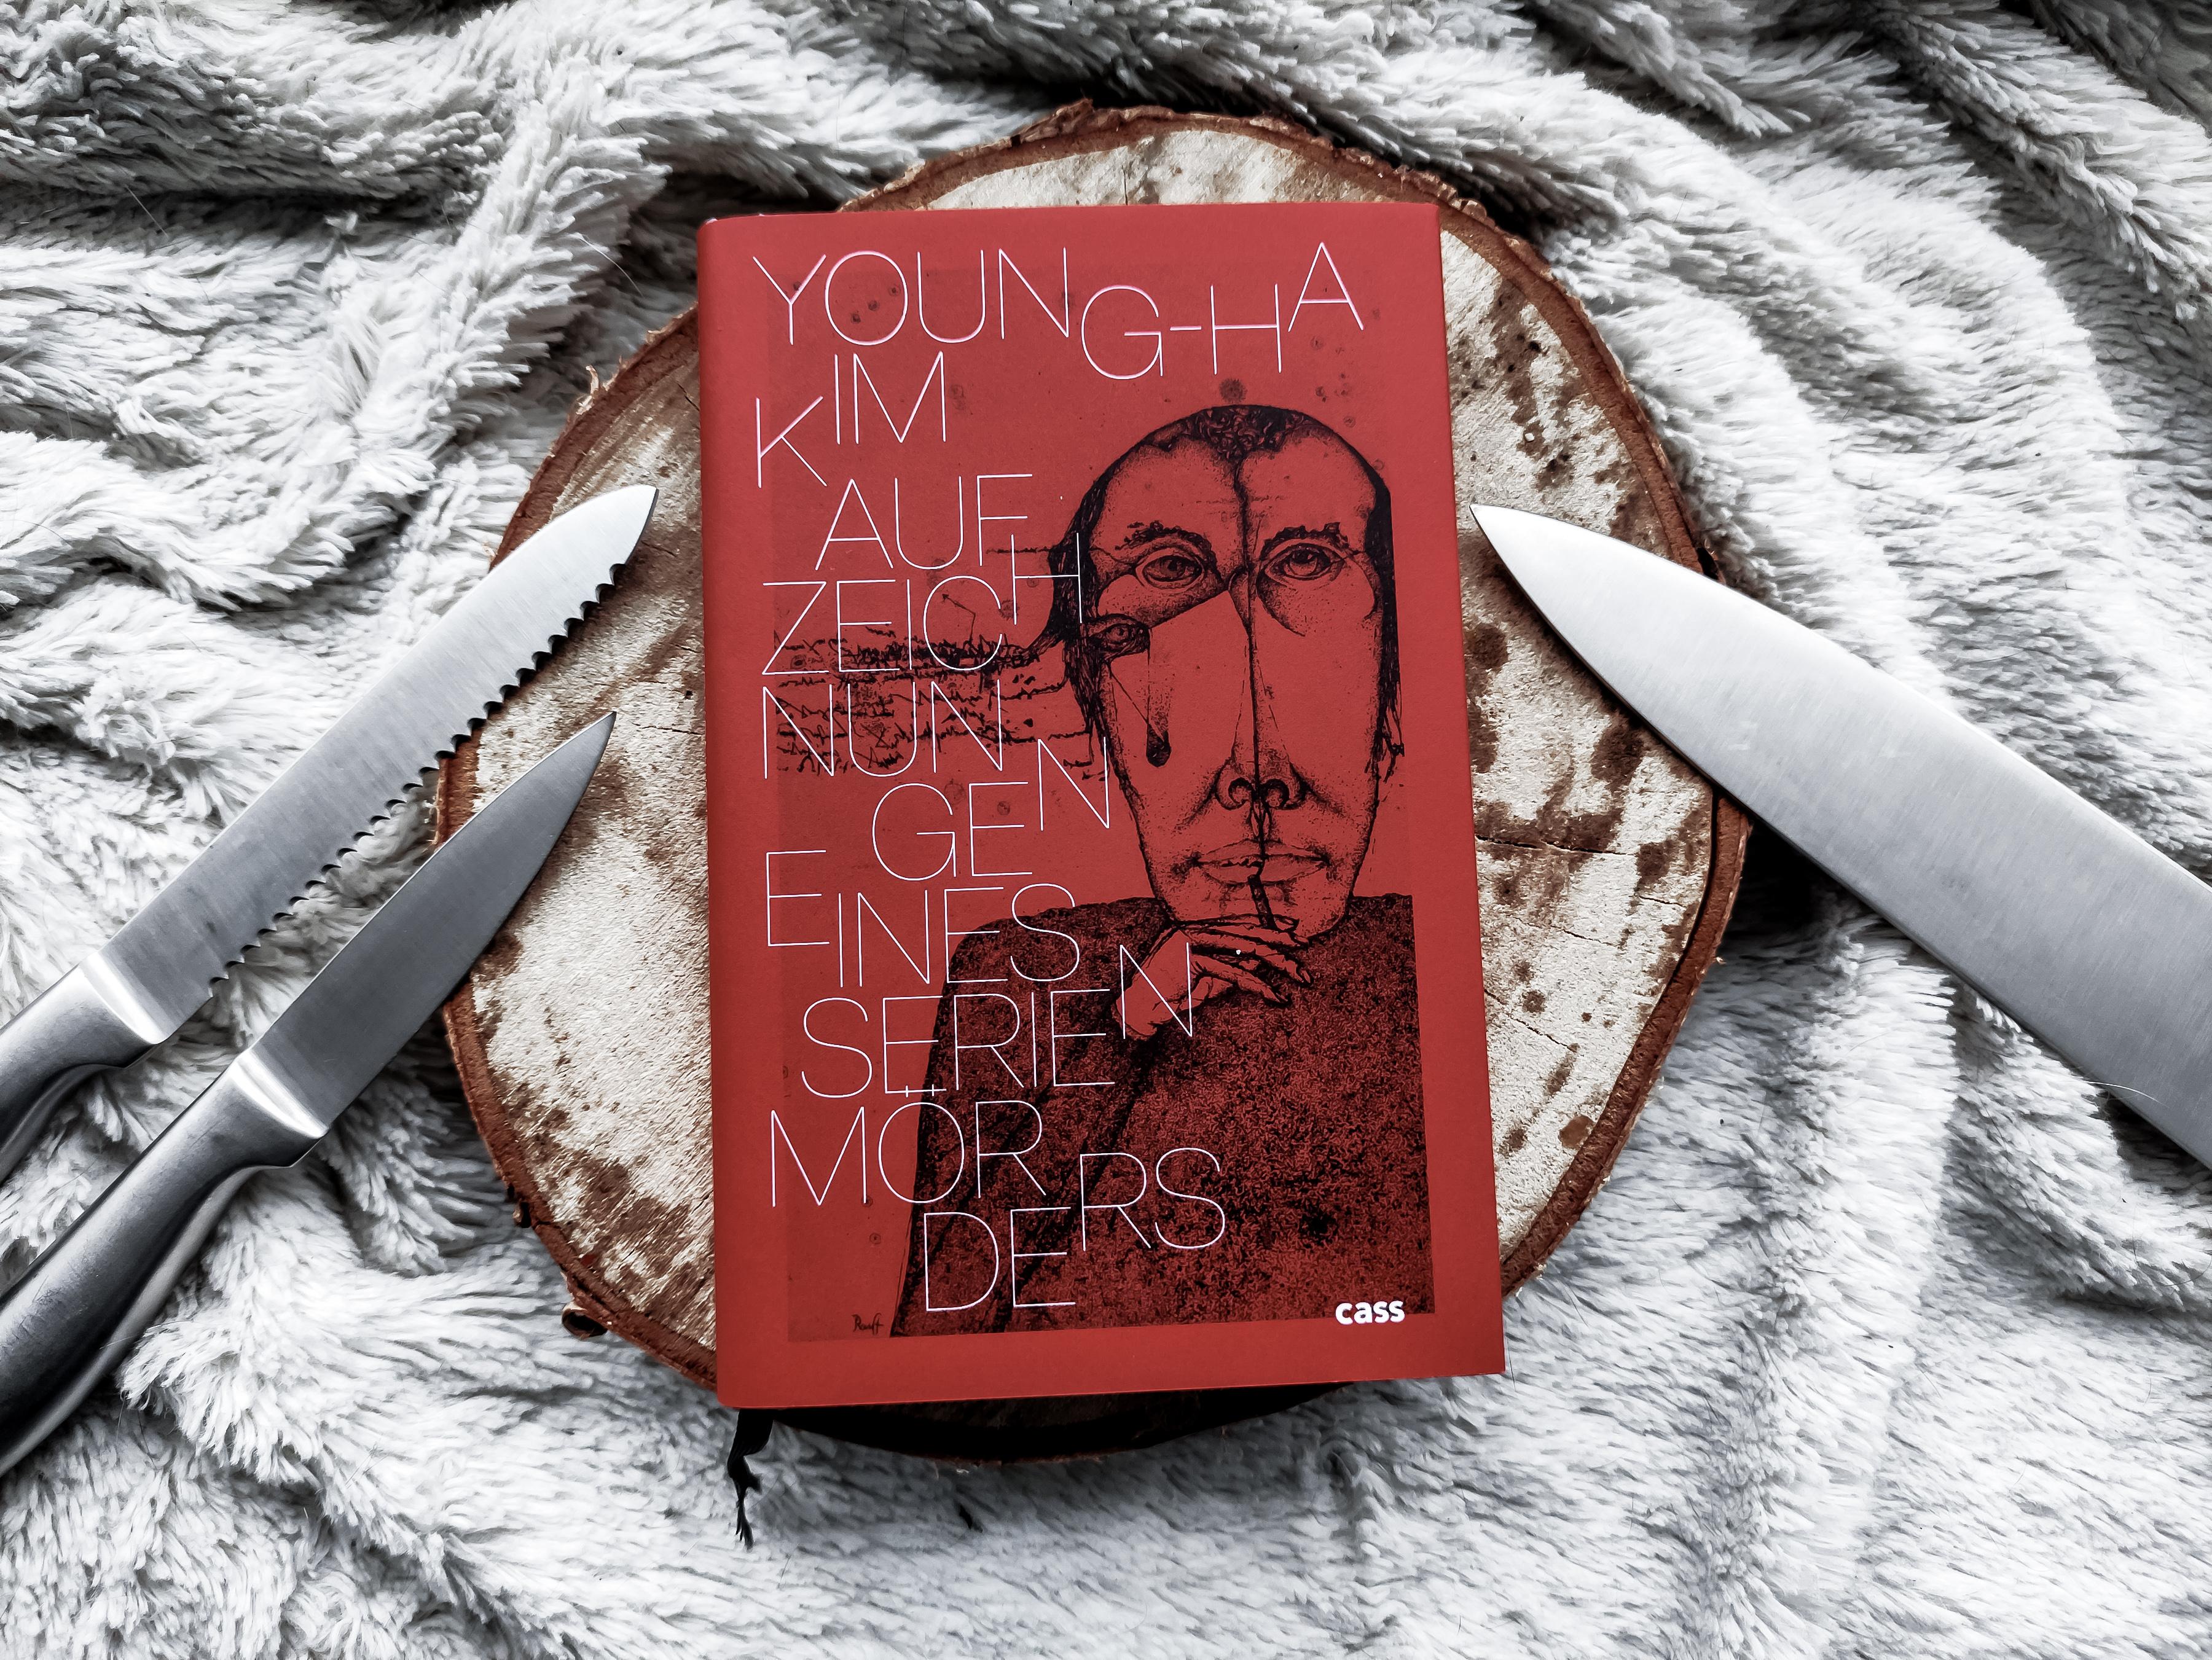 Young-ha Kim Aufzeichnungen eines Serienmörders Rezension